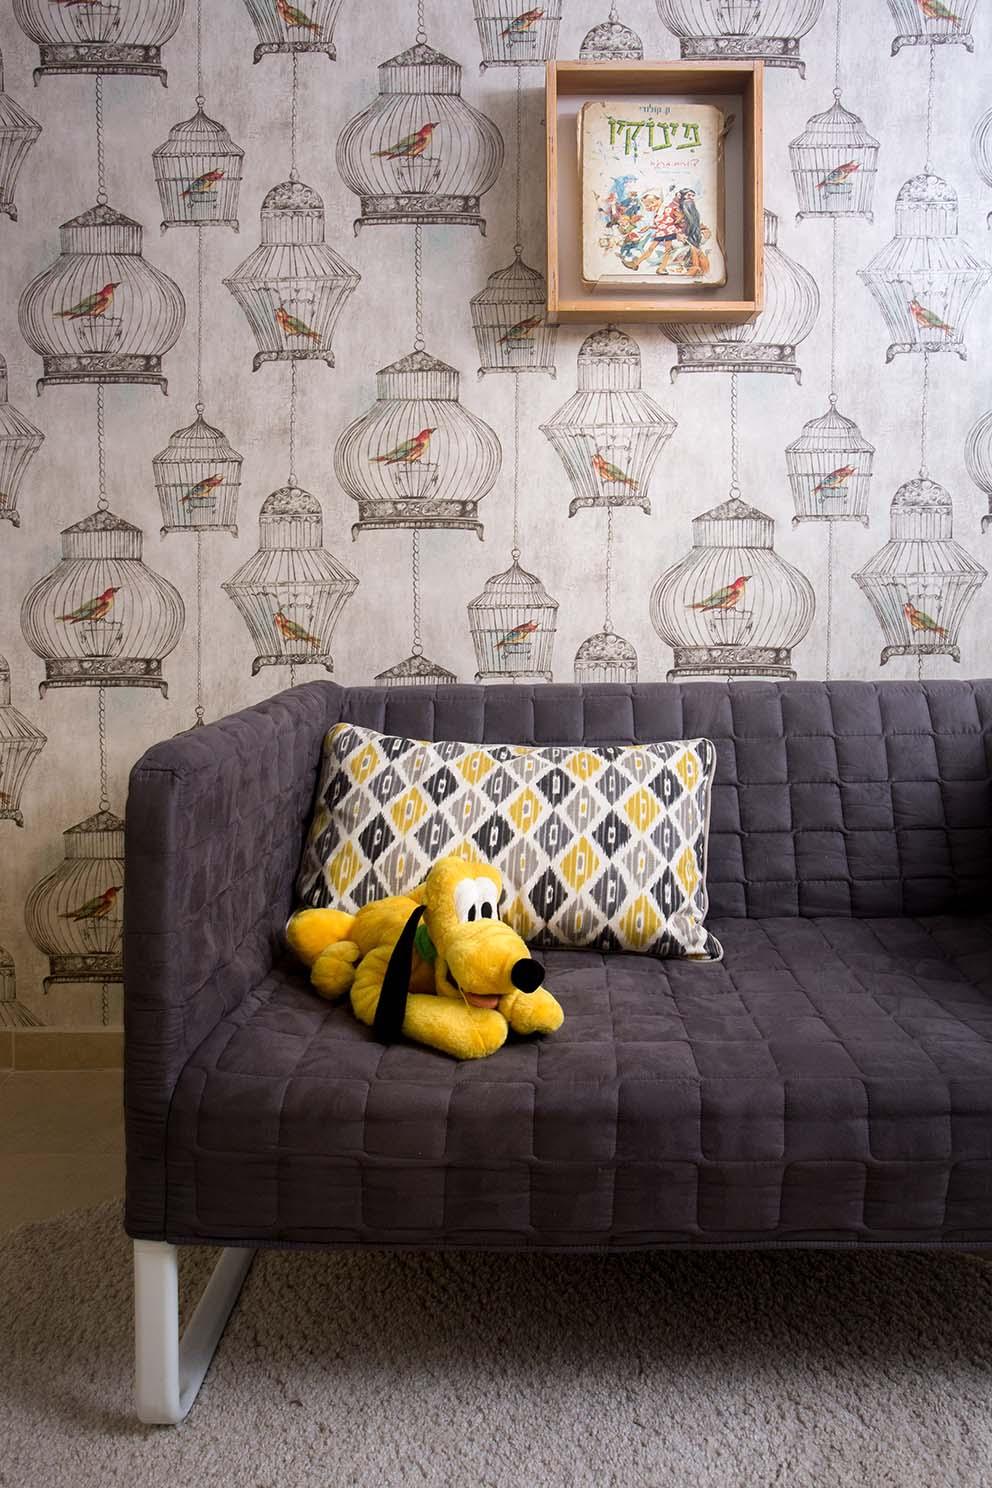 עיצוב: רעות פרידמן ברוכי, צילום: דרור קאליש, www.pnim.co.il